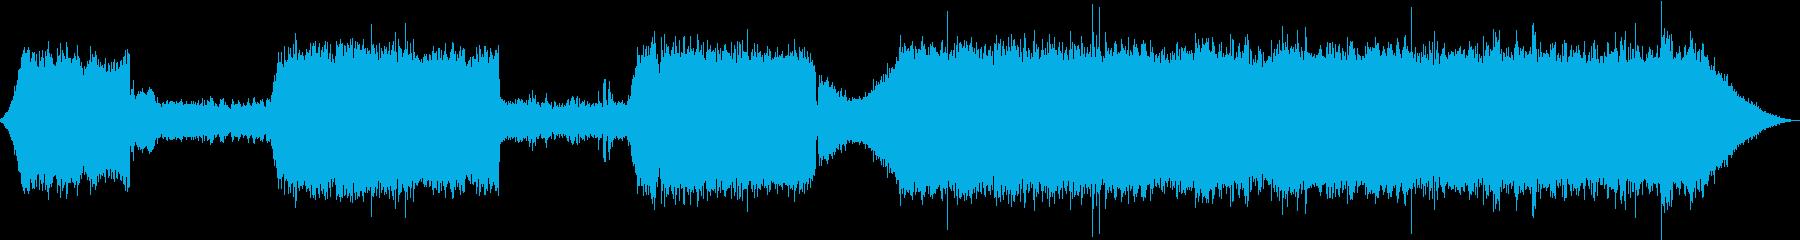 遠くの川から聴こえるせせらぎと虫の音の再生済みの波形